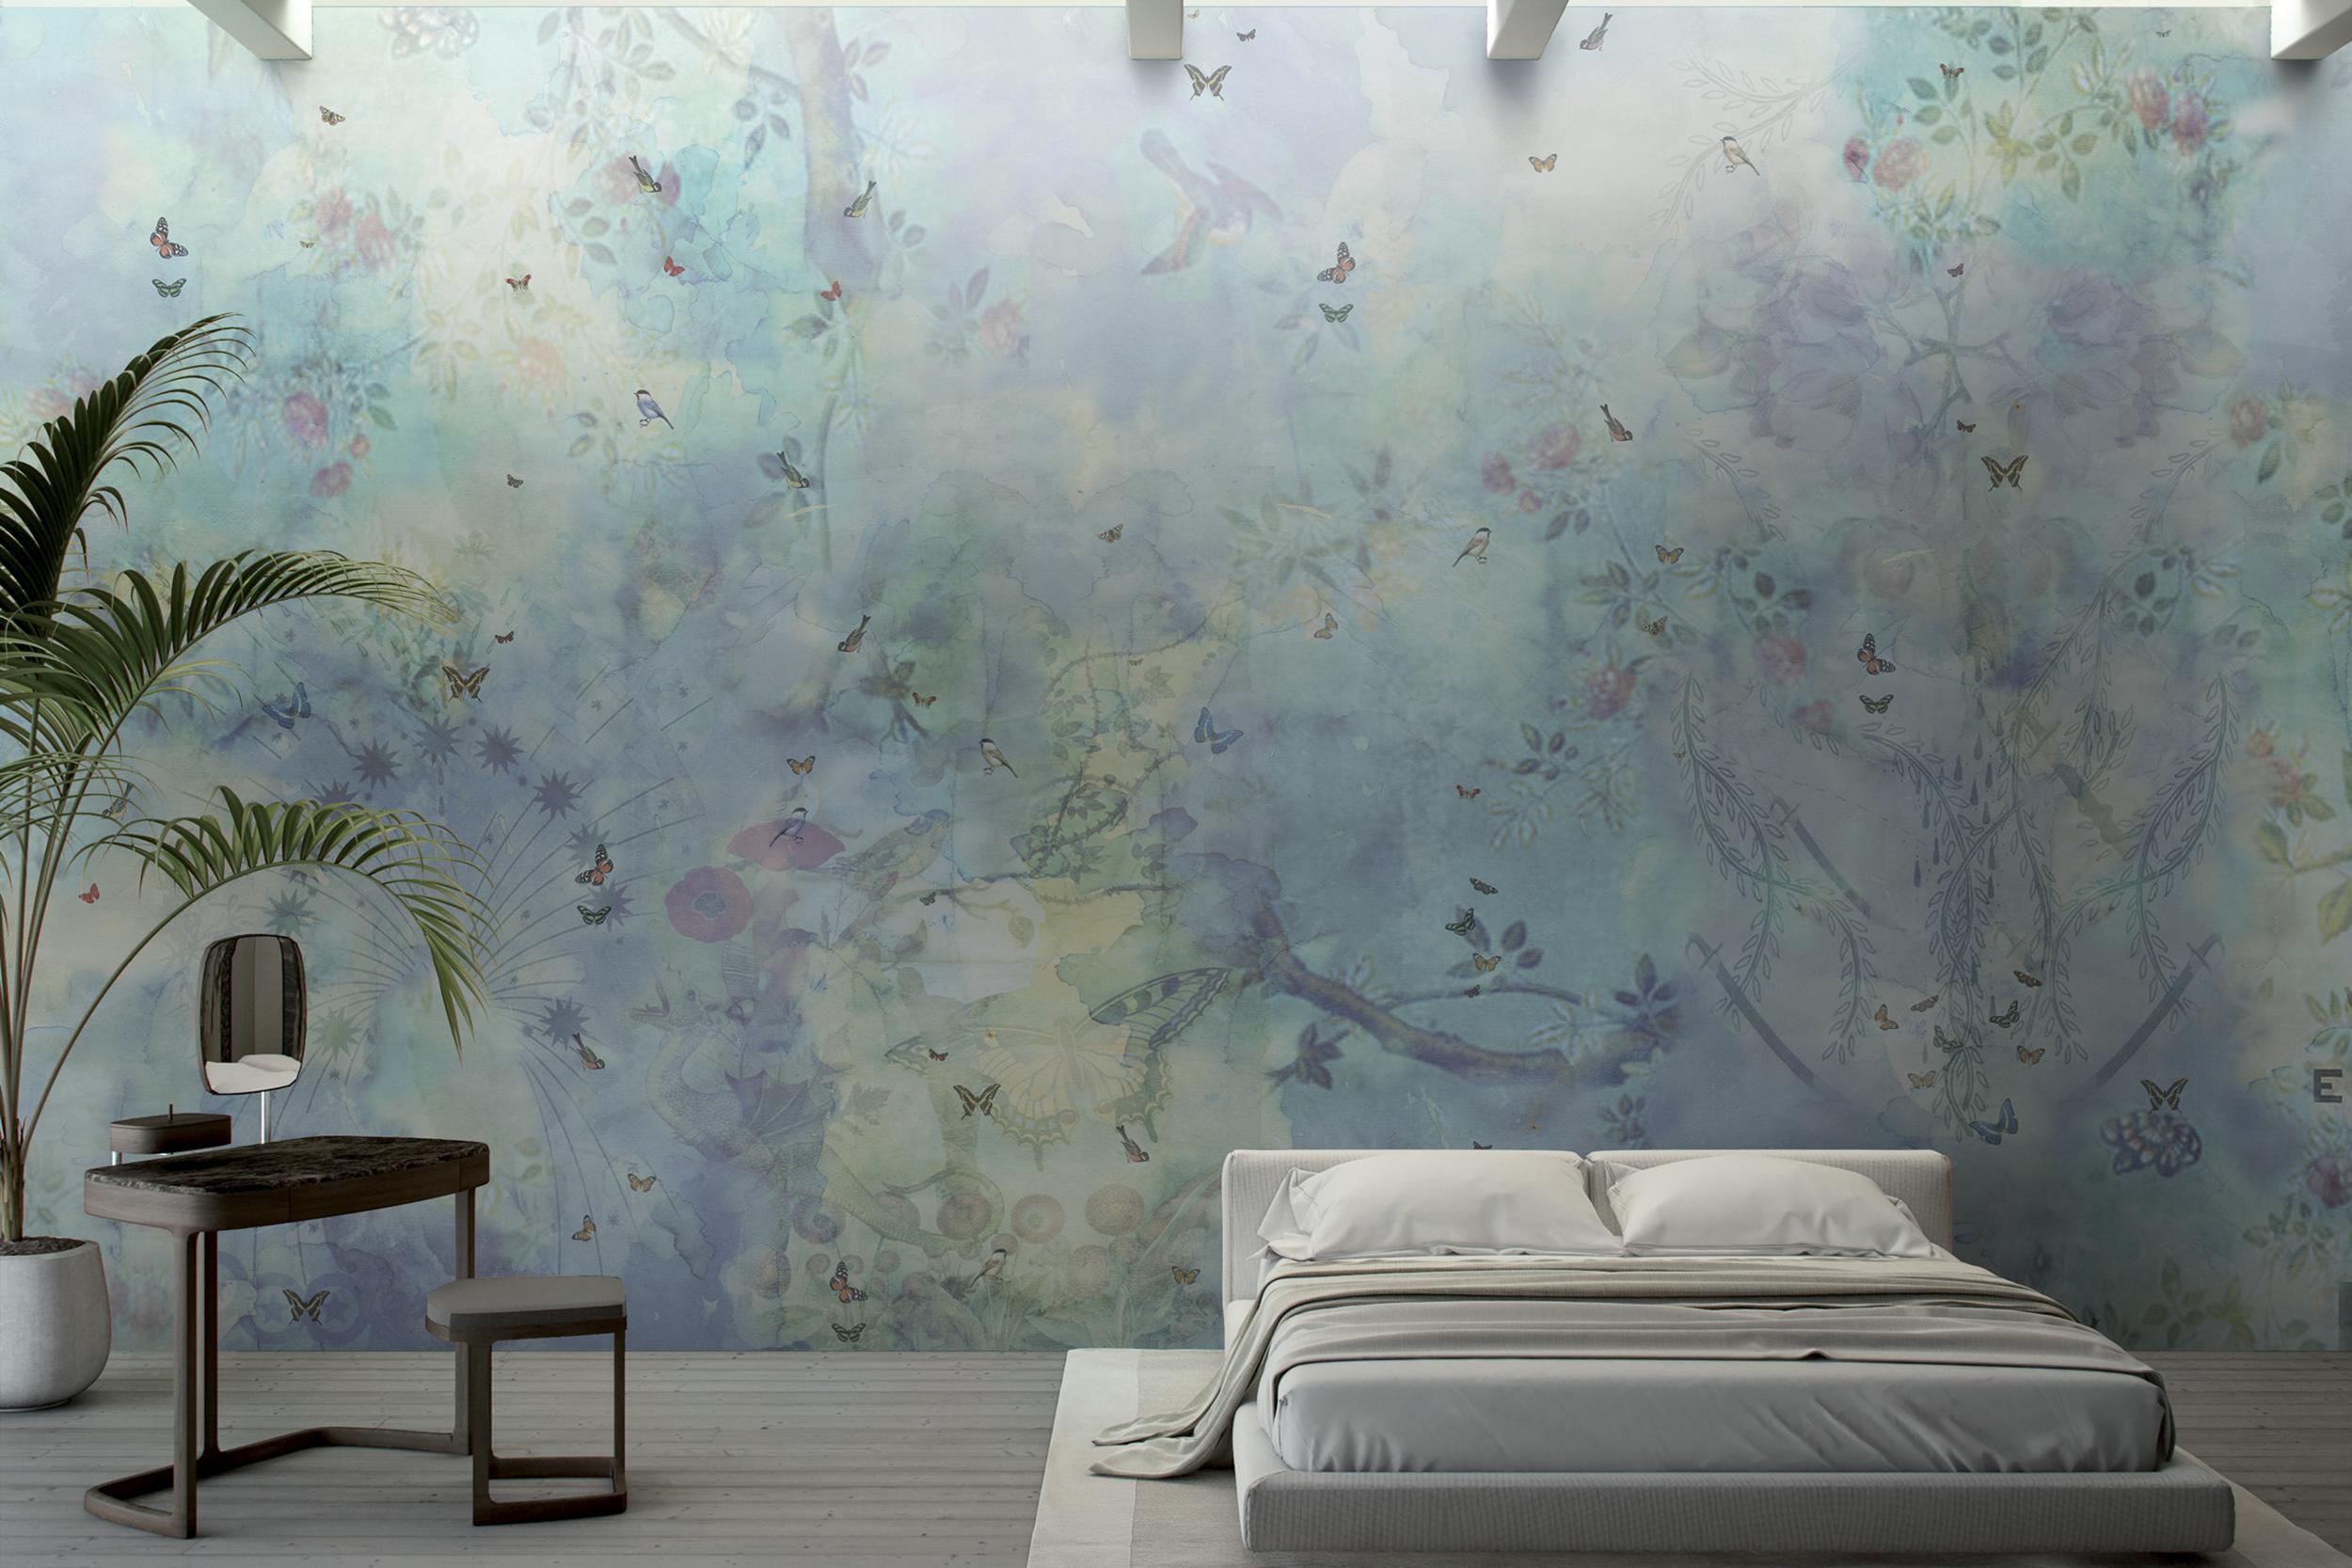 carta-da-parati-artistica-e-disegni-murali